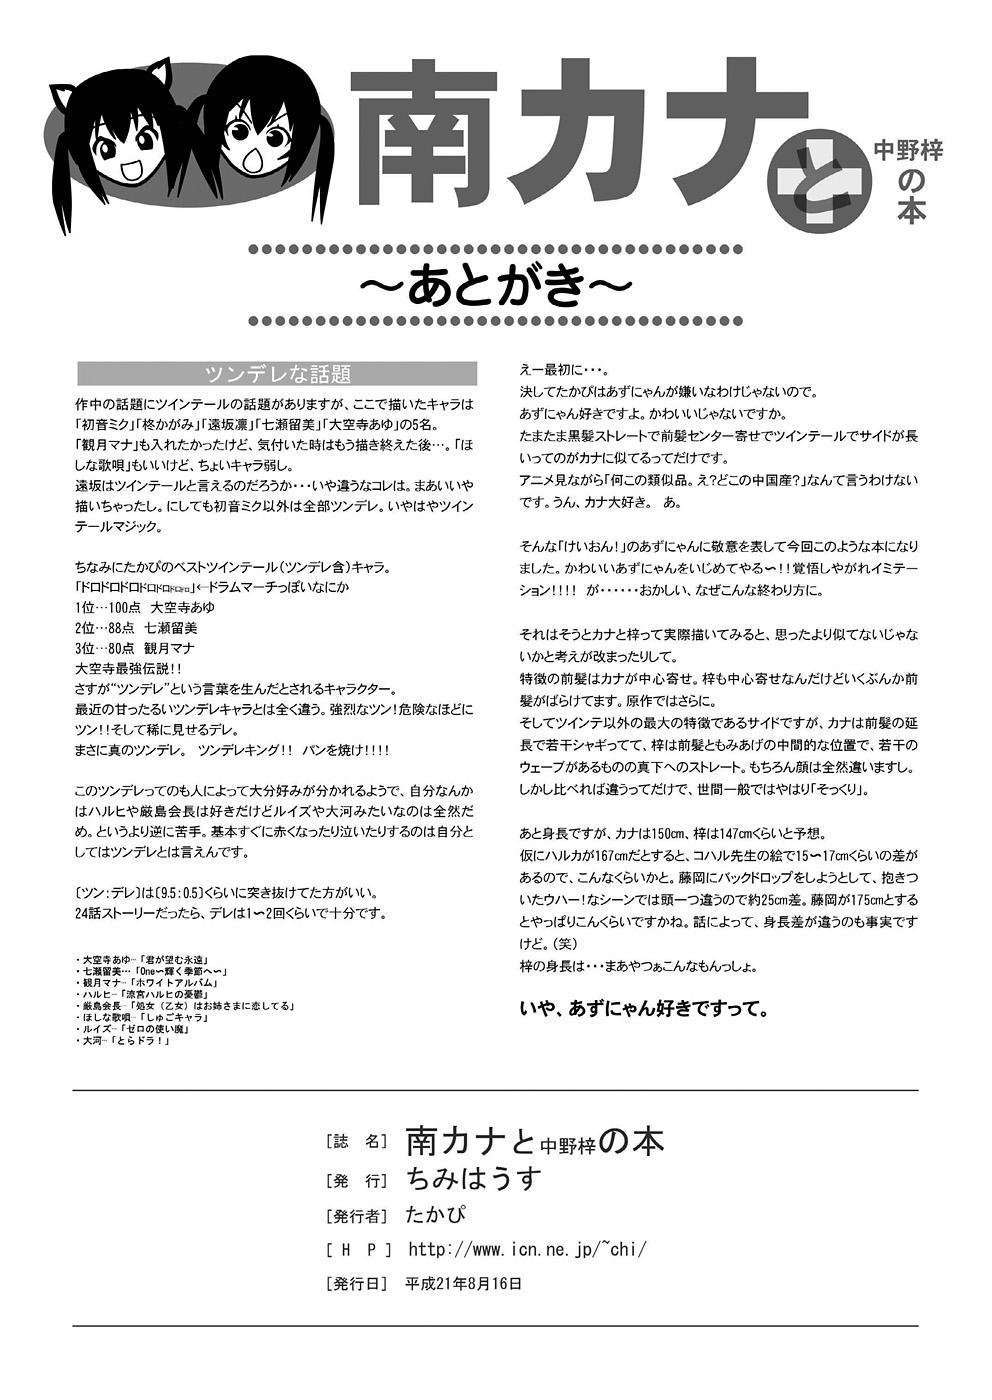 Minami Kana to Nakano Azusa no Hon 21